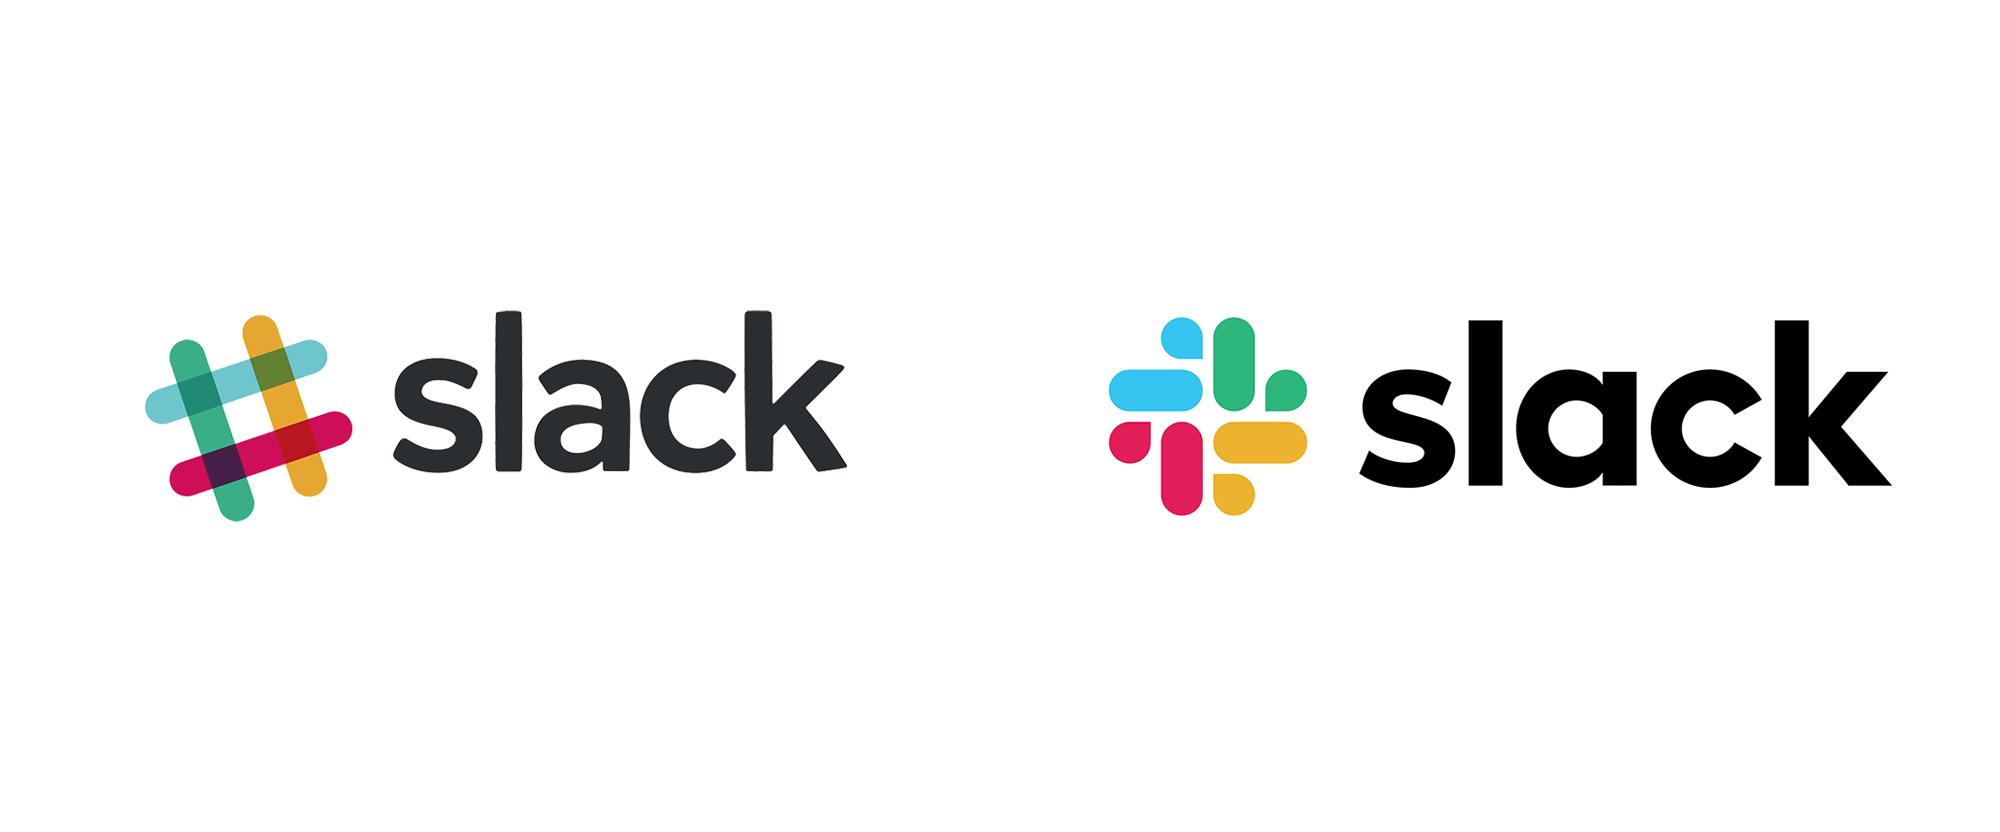 new_slack_logo_before_after